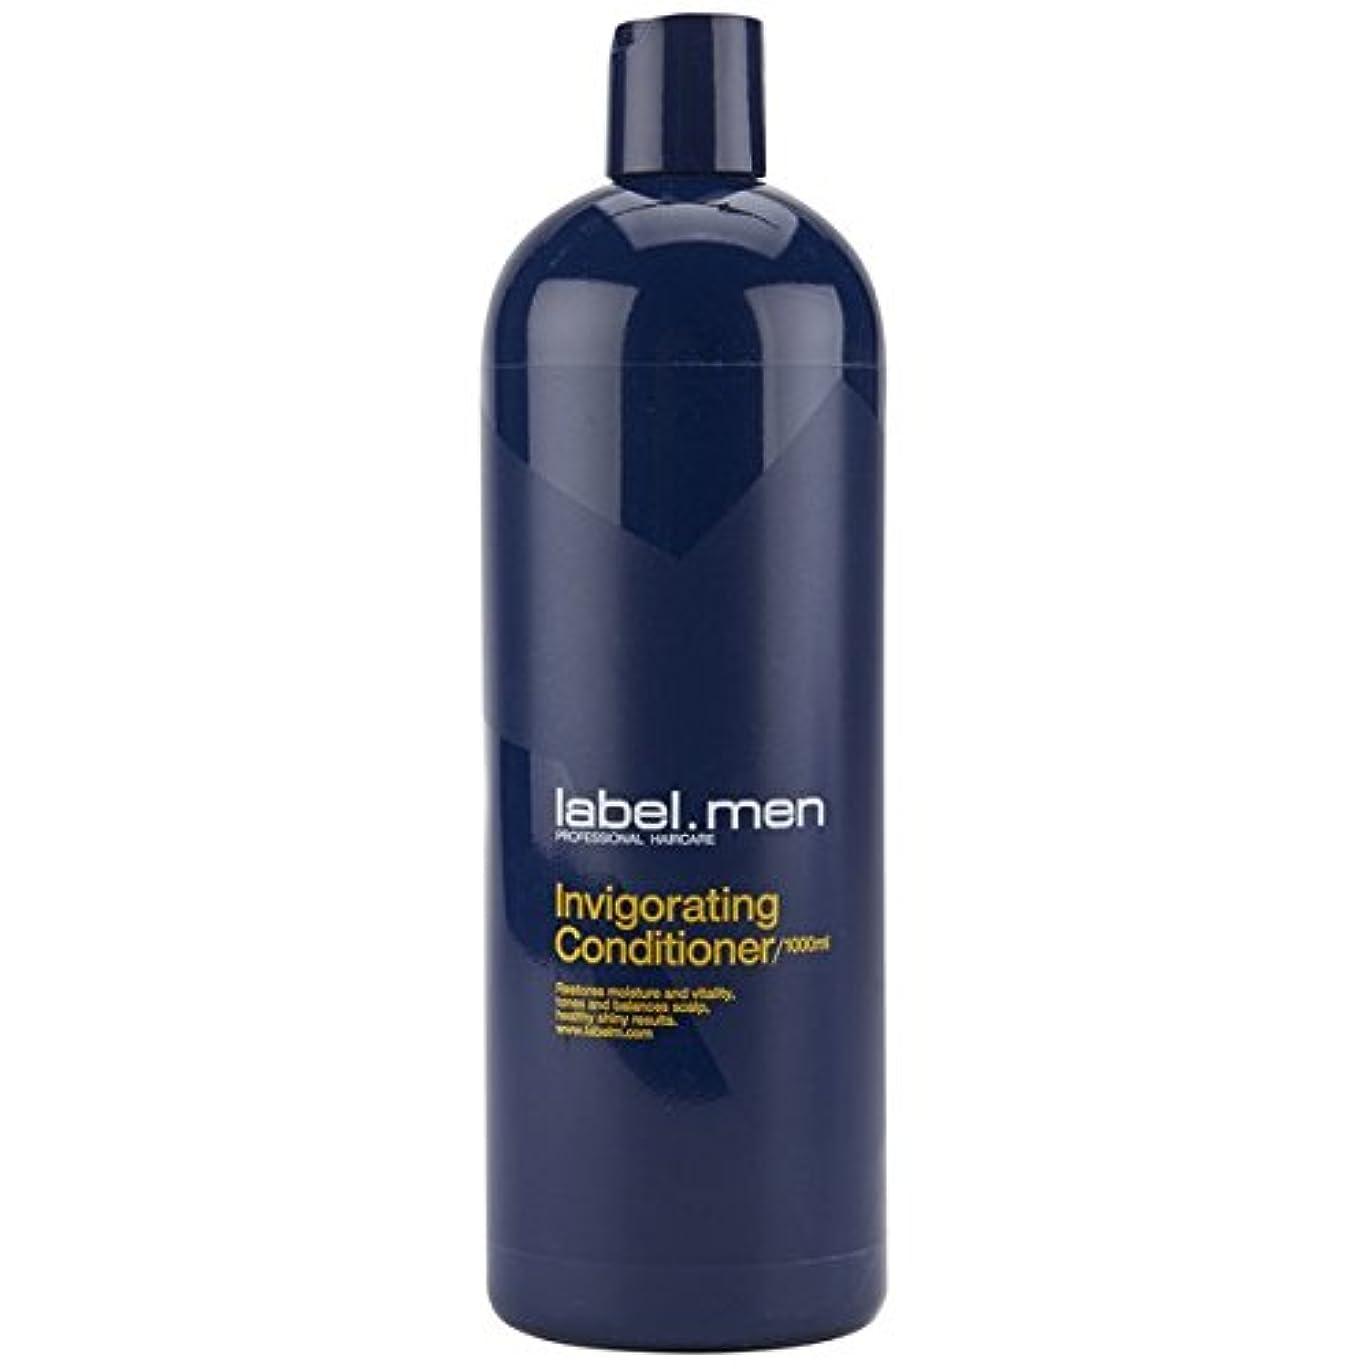 尊敬エンコミウムシードレーベルエム メンズ インビゴレーティング コンディショナー (髪と頭皮に潤いを与えて元気で輝きのある仕上がりに) 1000ml